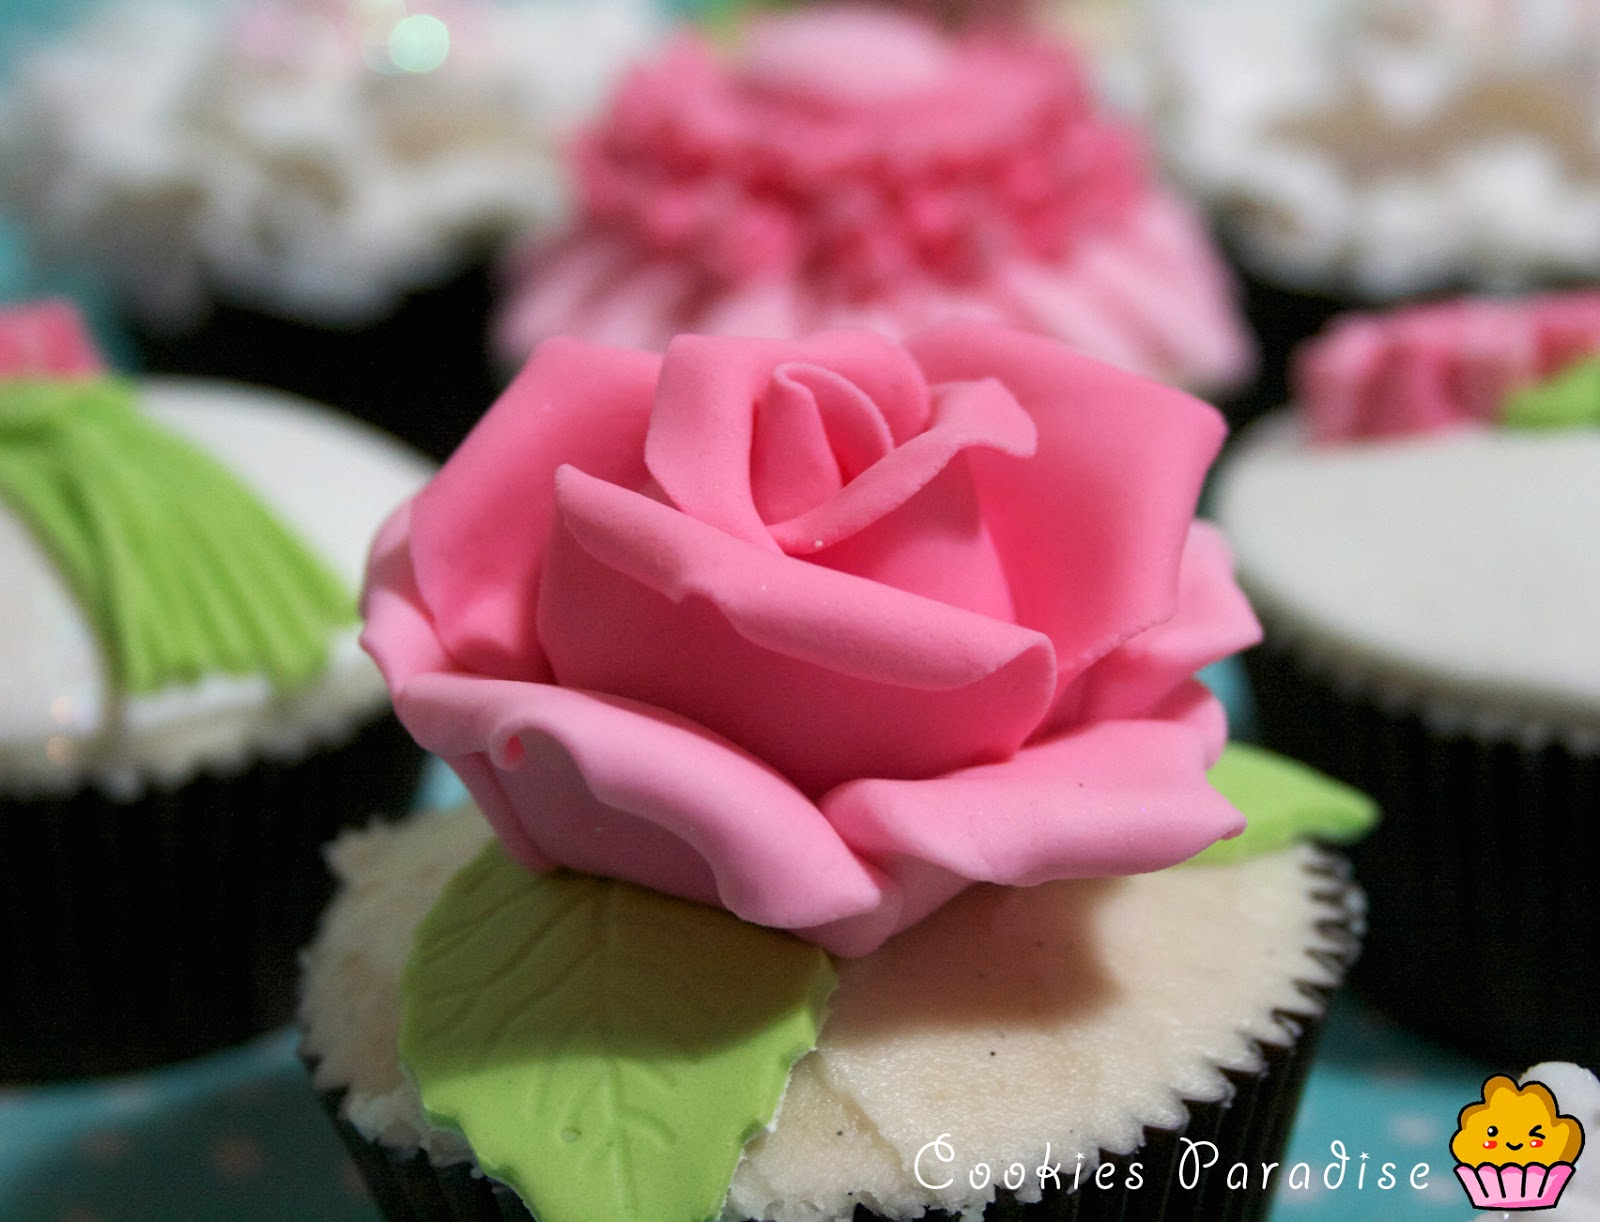 Cookies paradise voy a reventar de felicidadddddddddddd - Blog objetivo cupcake perfecto ...